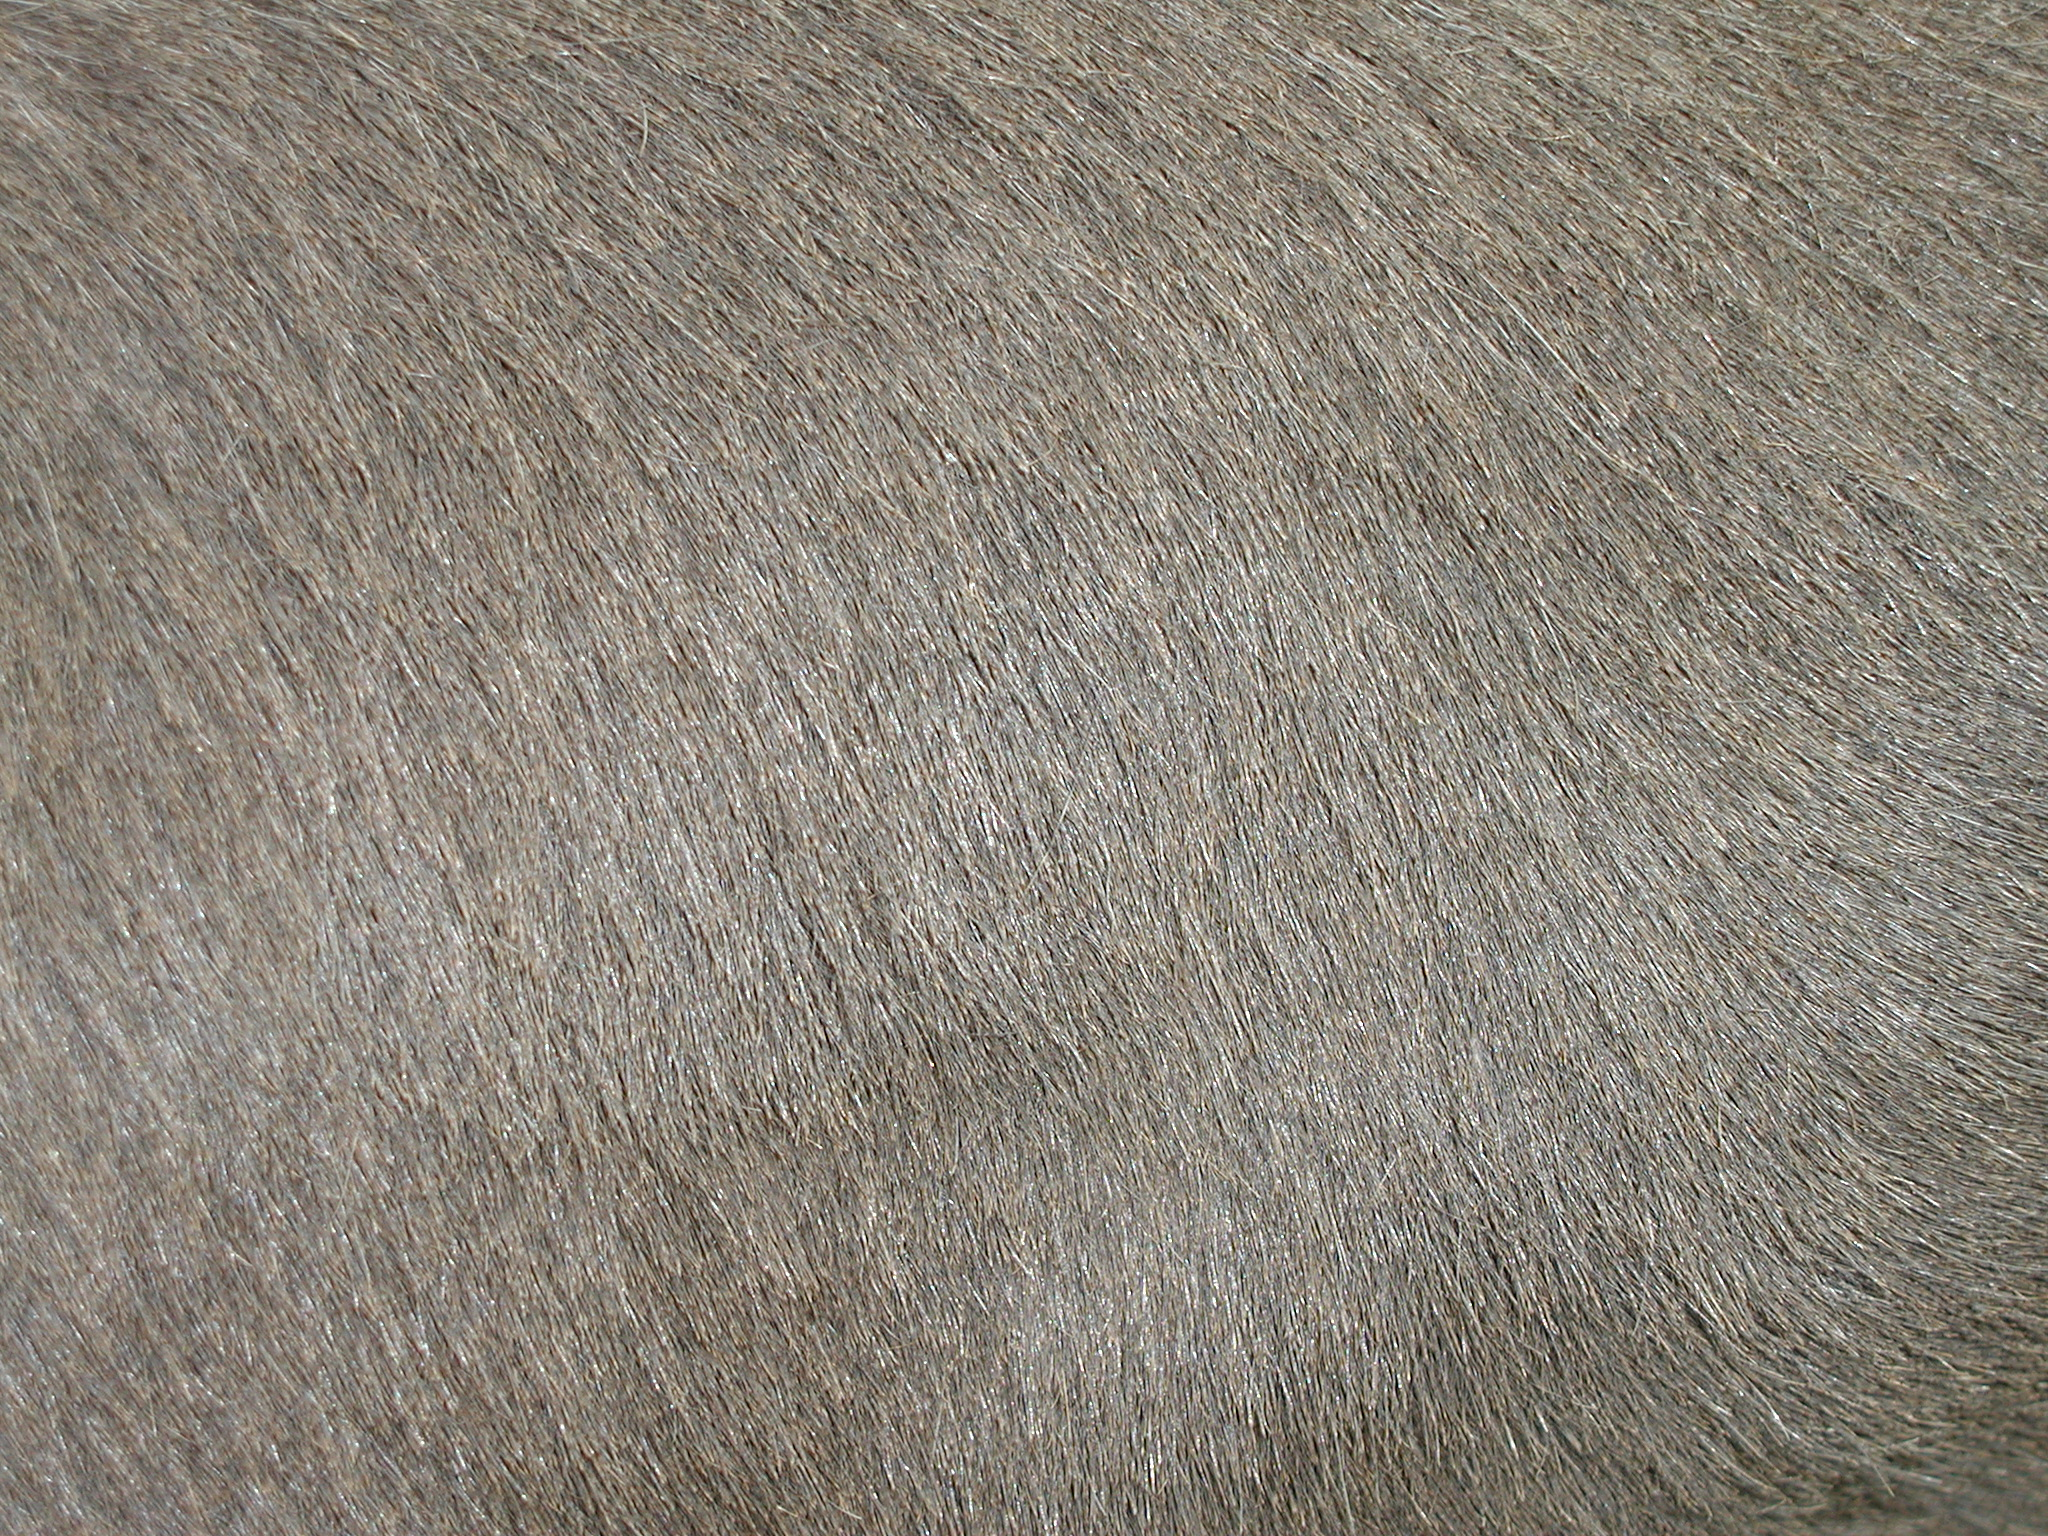 tabus fur gray grey hairs dense smooth soft